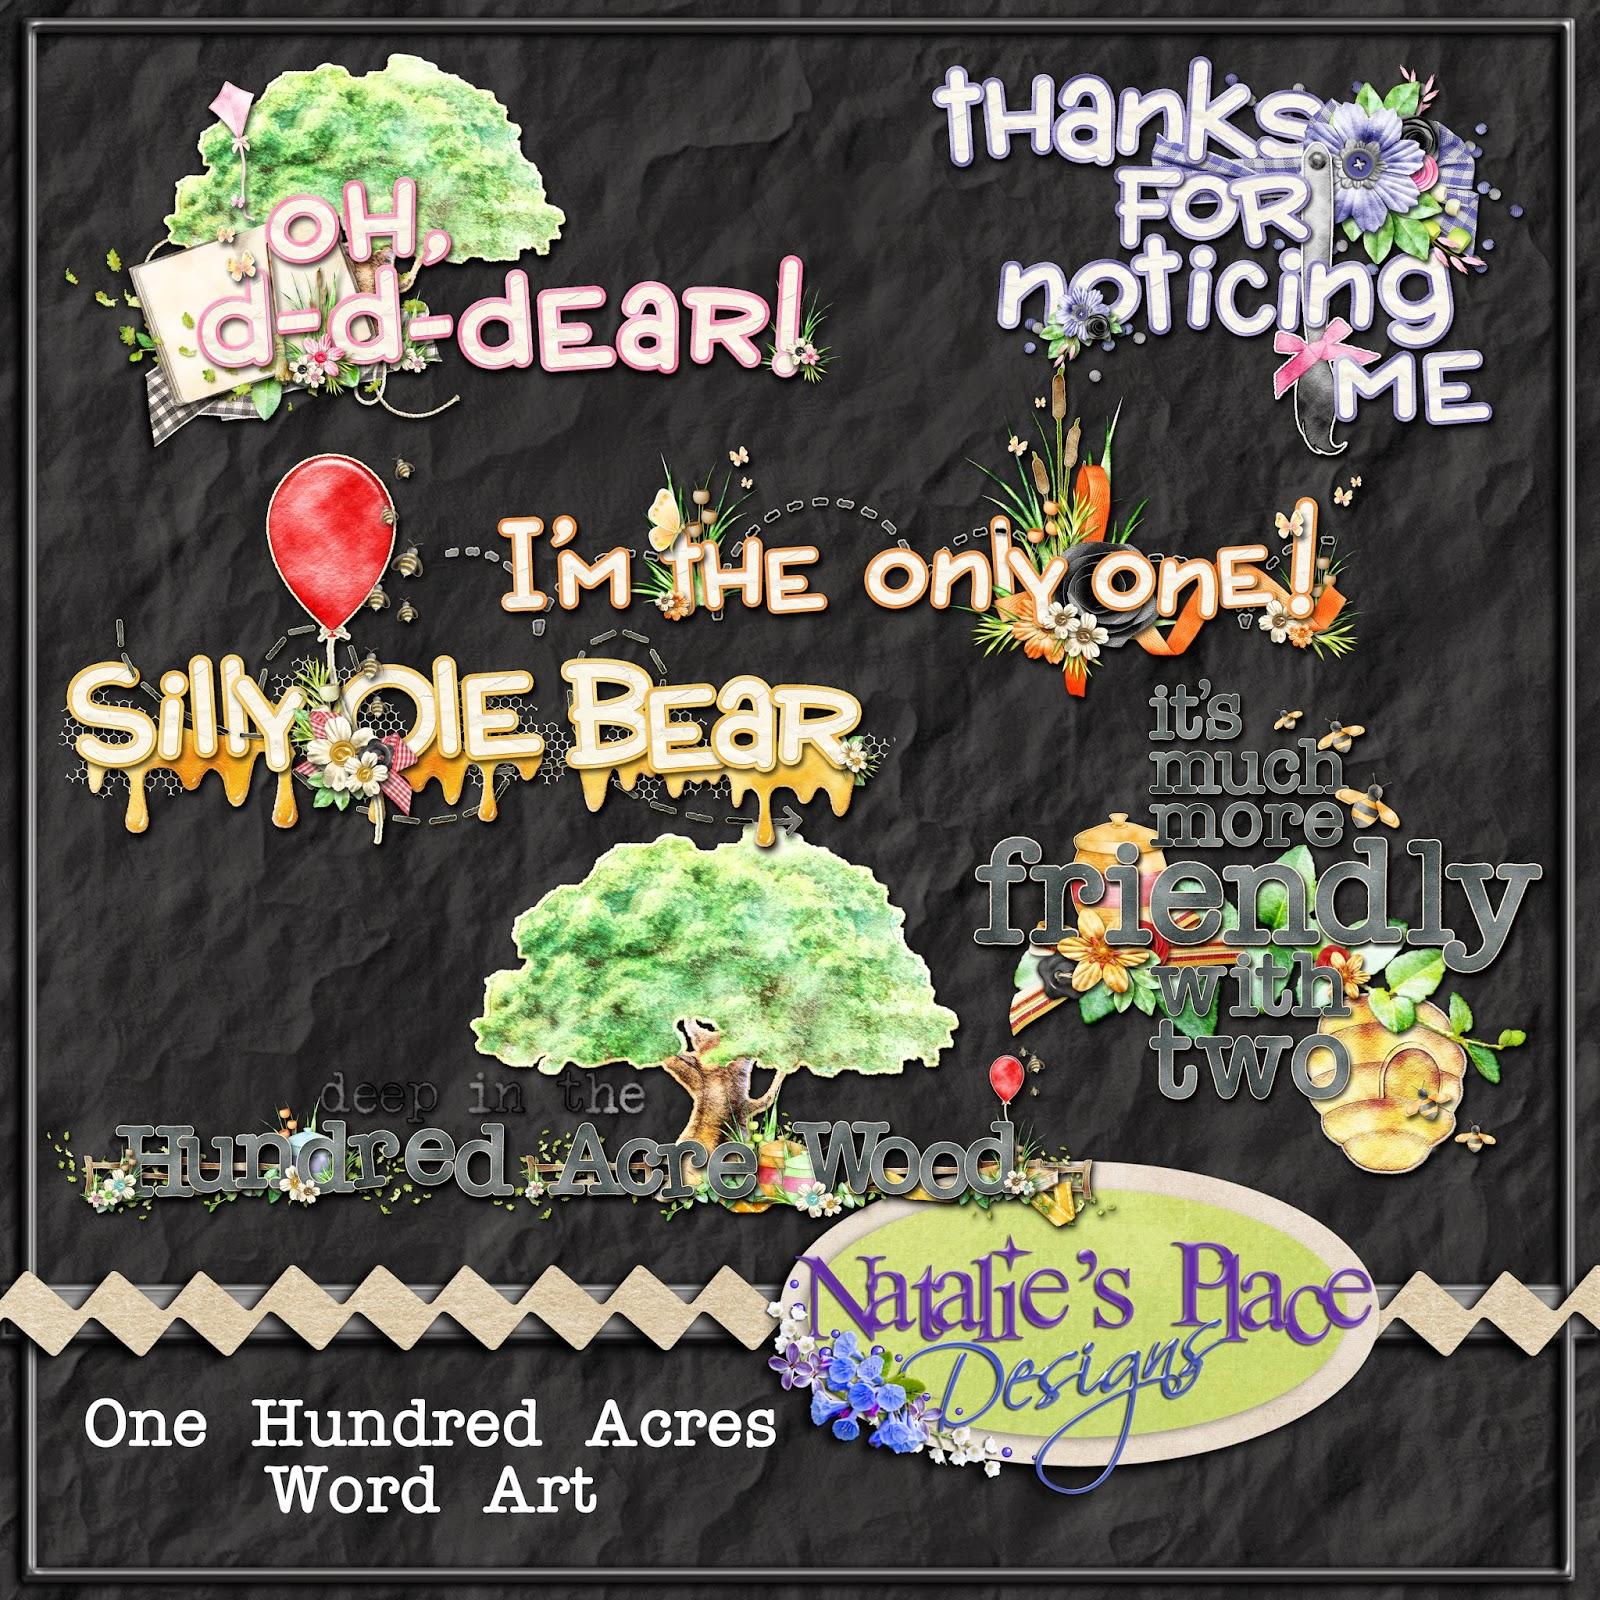 http://natalieslittlecorneroftheworld.blogspot.com/2014/10/deep-in-hundred-acre-wood.html